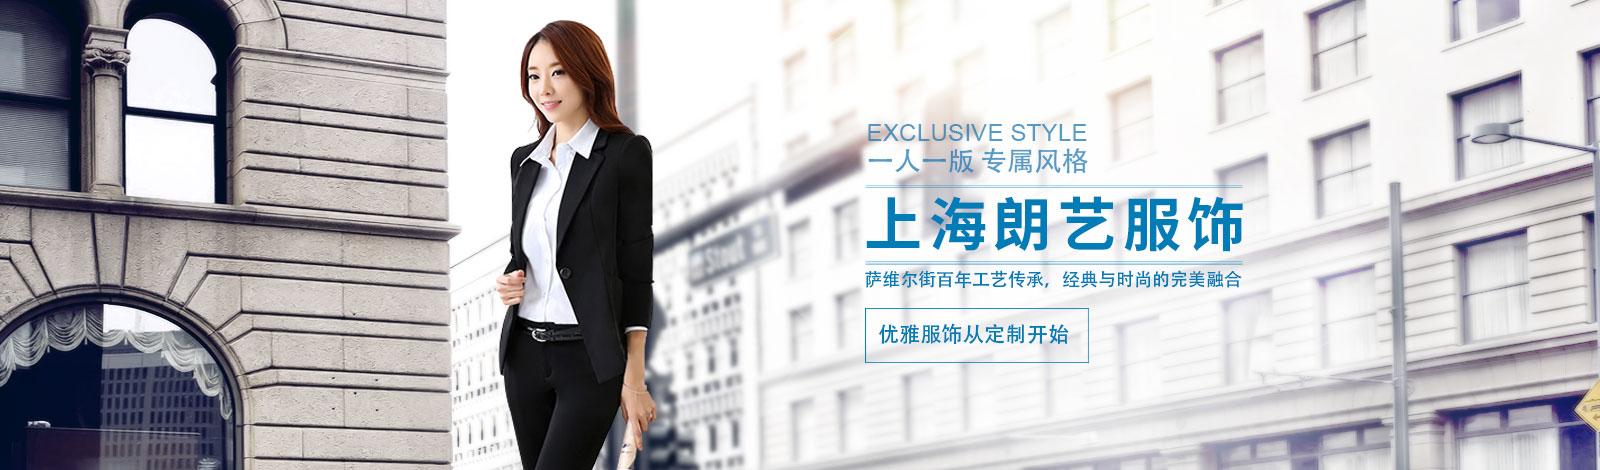 工作服定制廠家_上海朗藝服飾有限公司